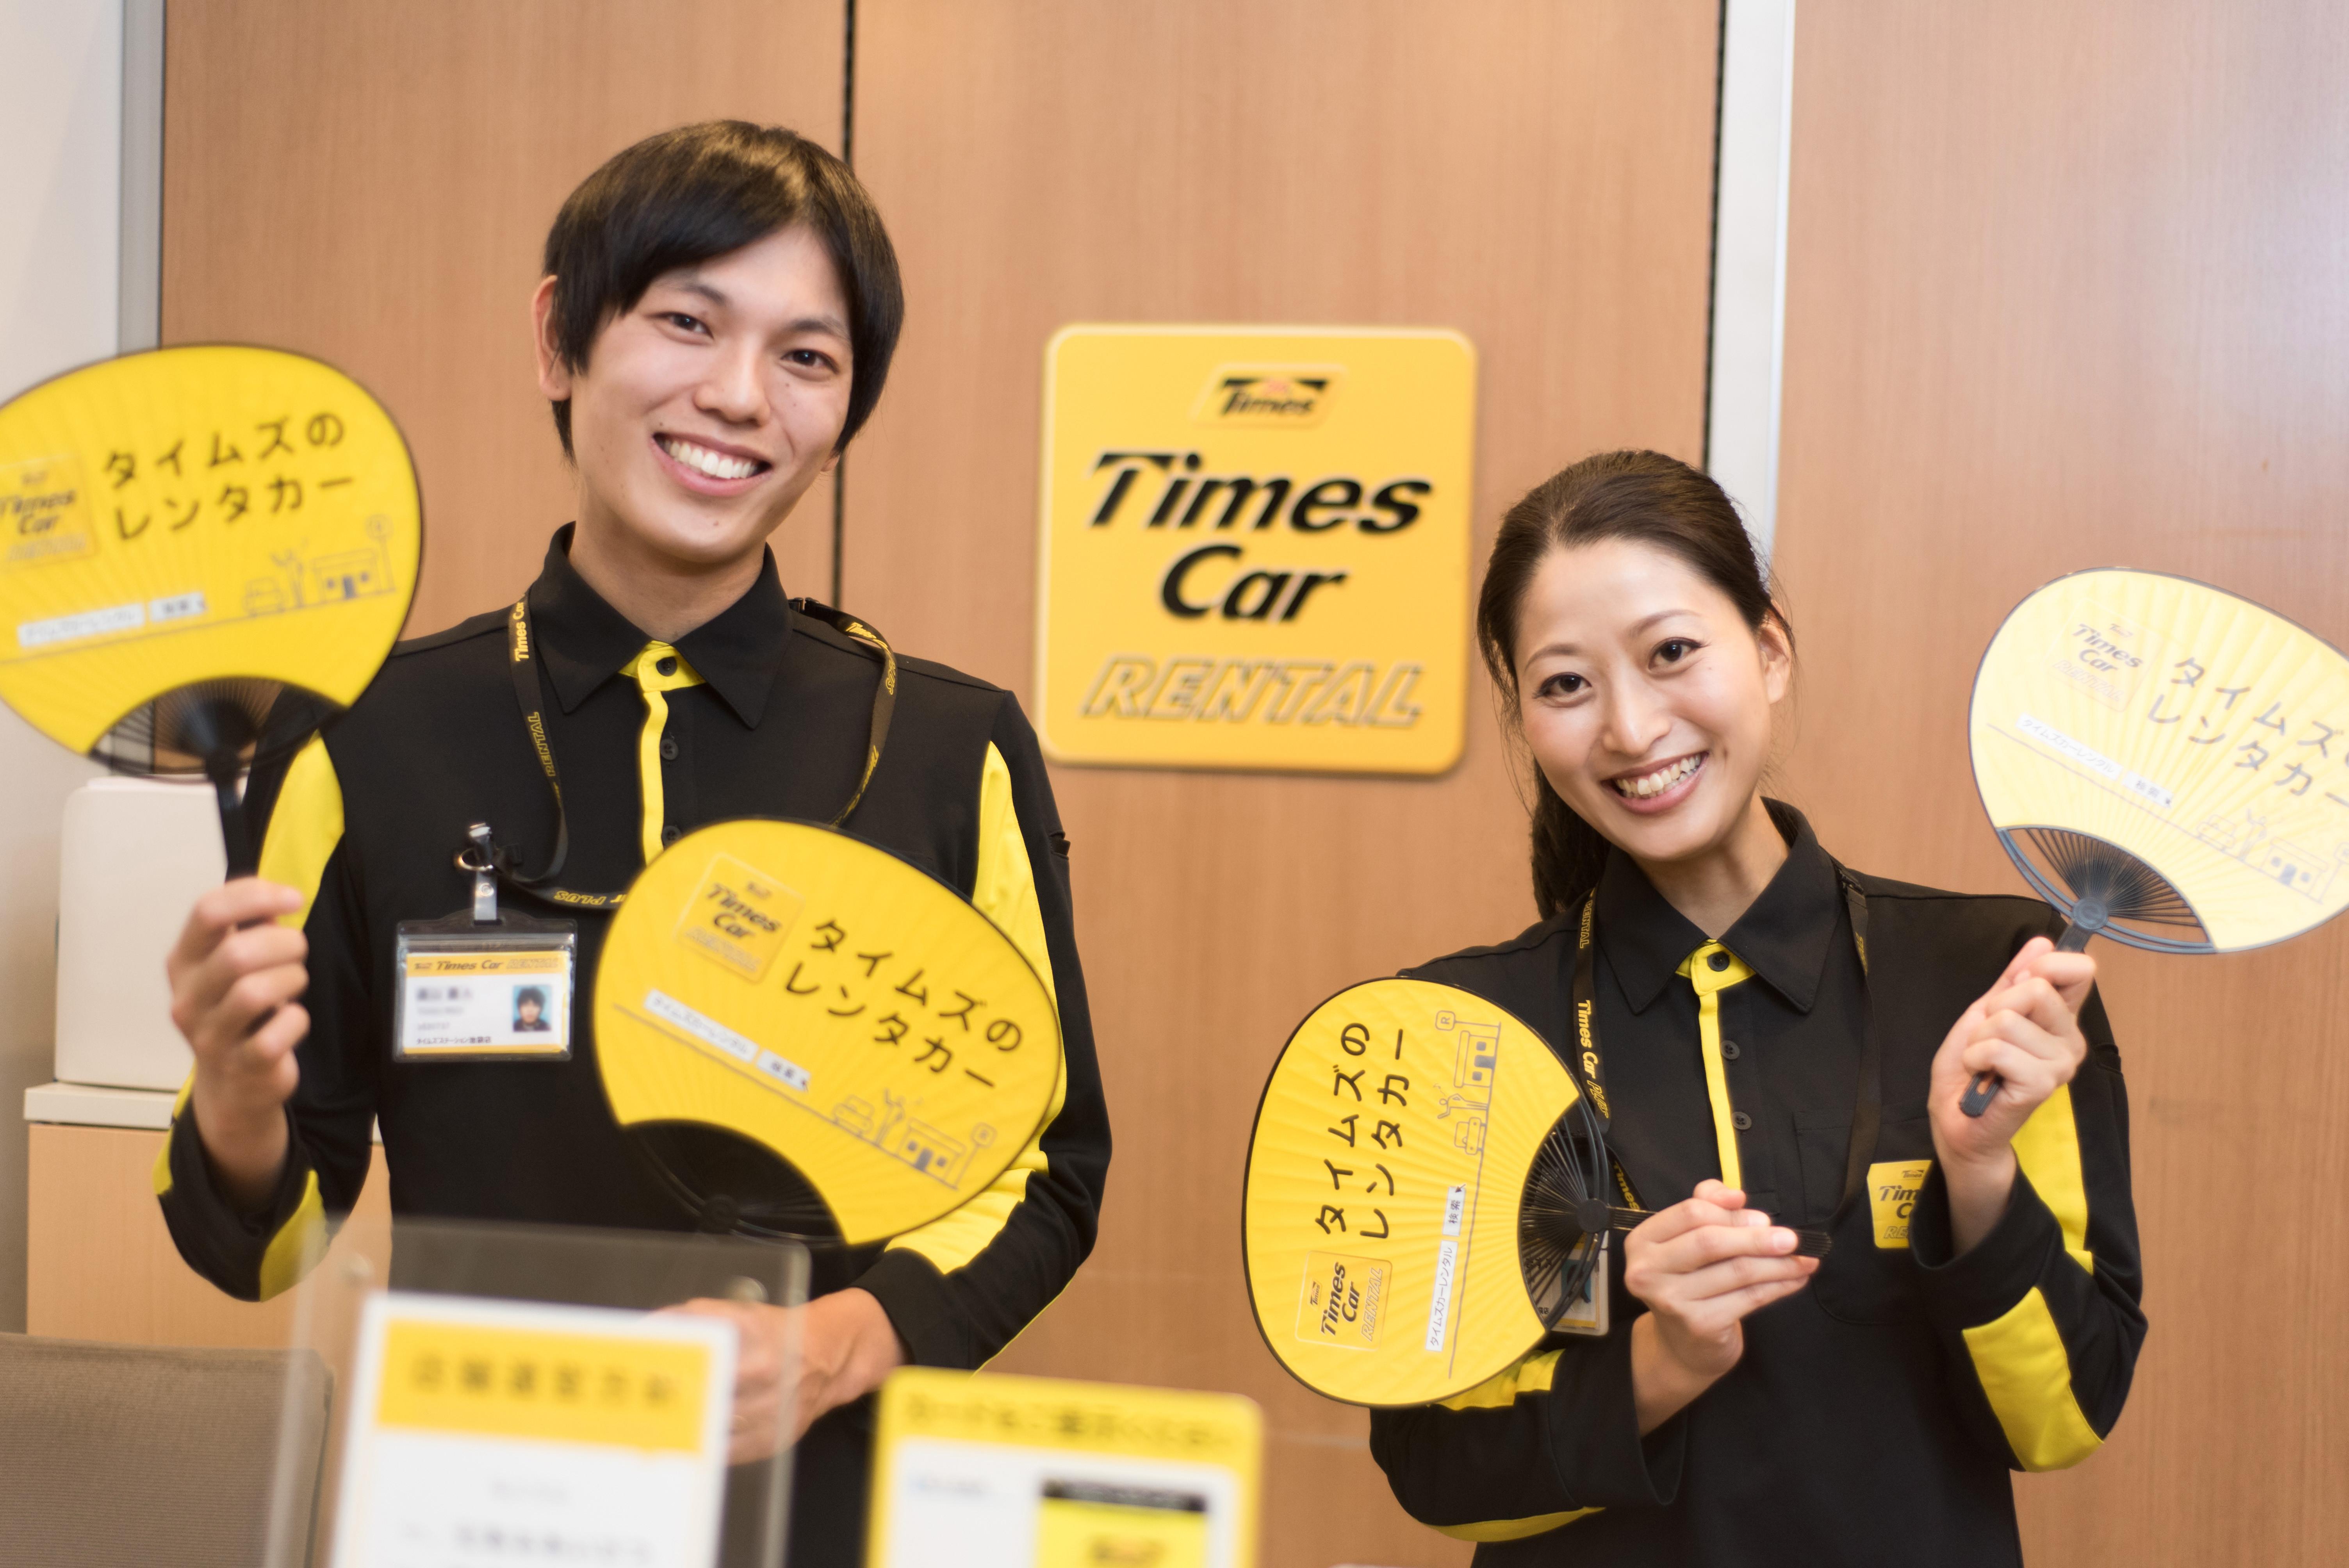 タイムズカーレンタル 仙台空港店 のアルバイト情報